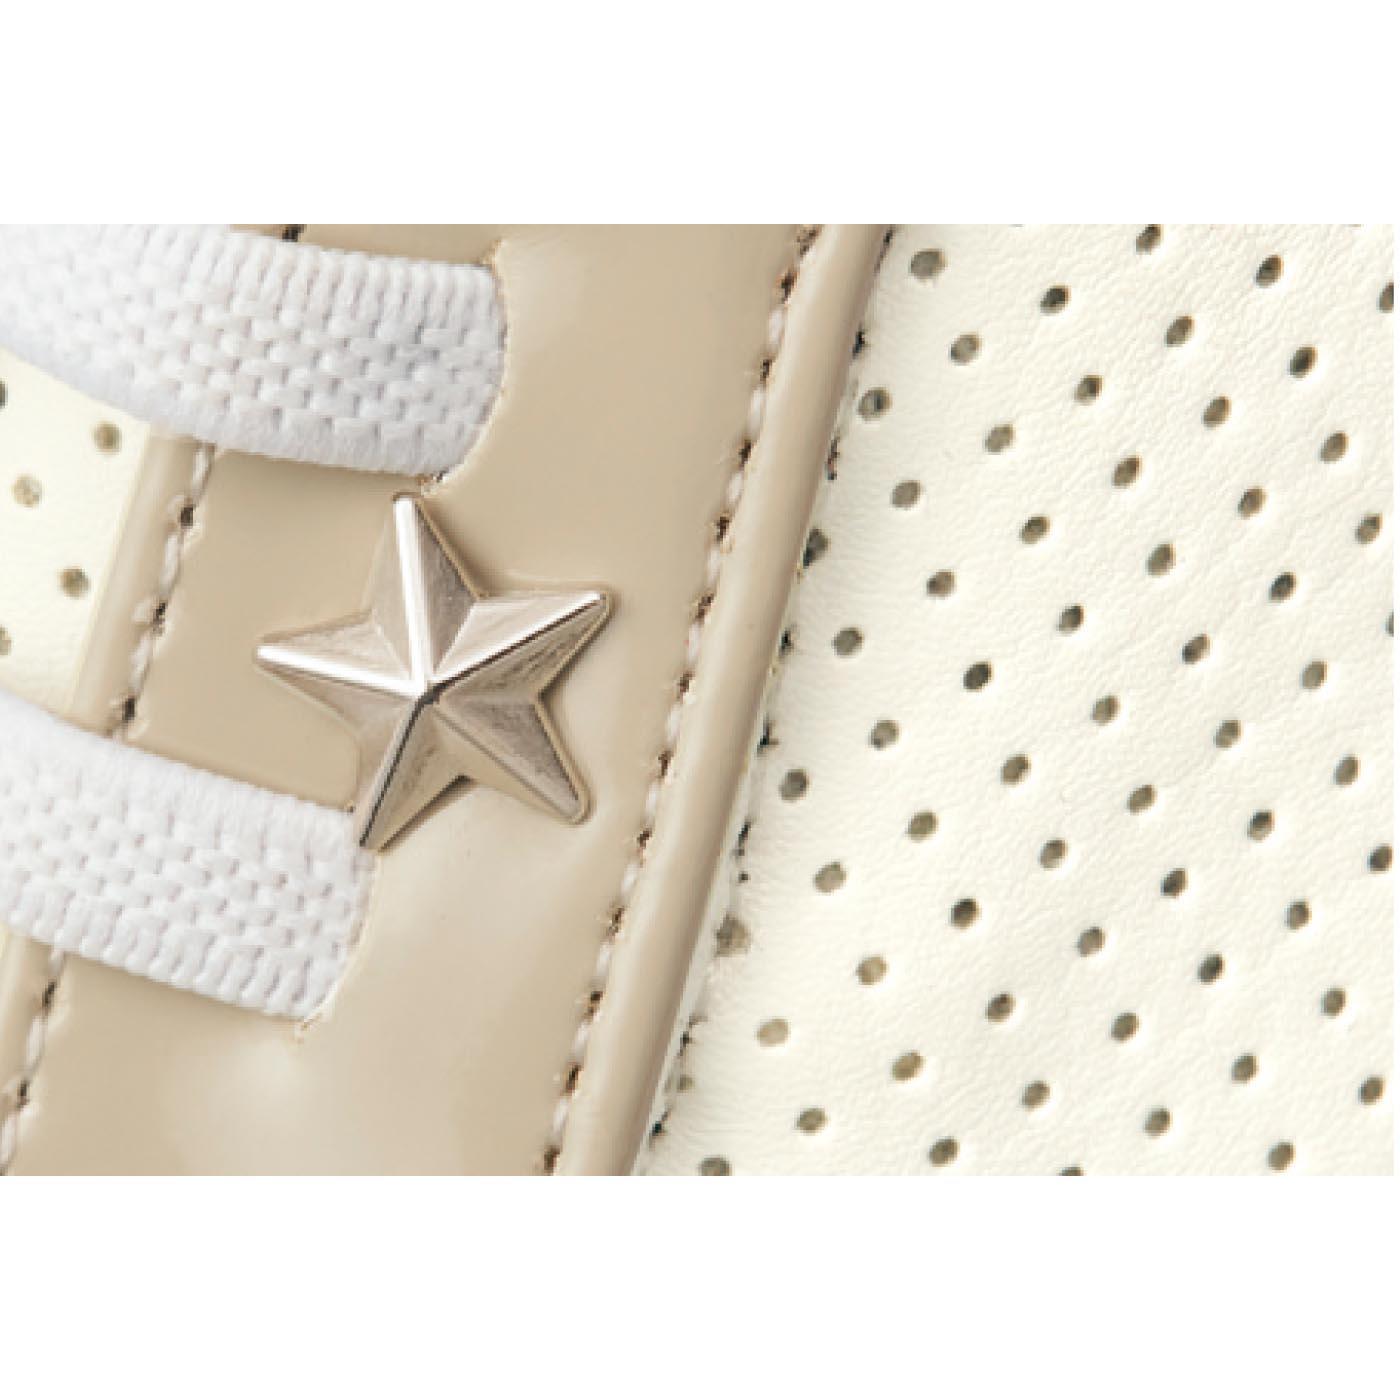 軽くてお手入れしやすい合成皮革のパンチング素材。通気性がよく、むれにくいので快適!